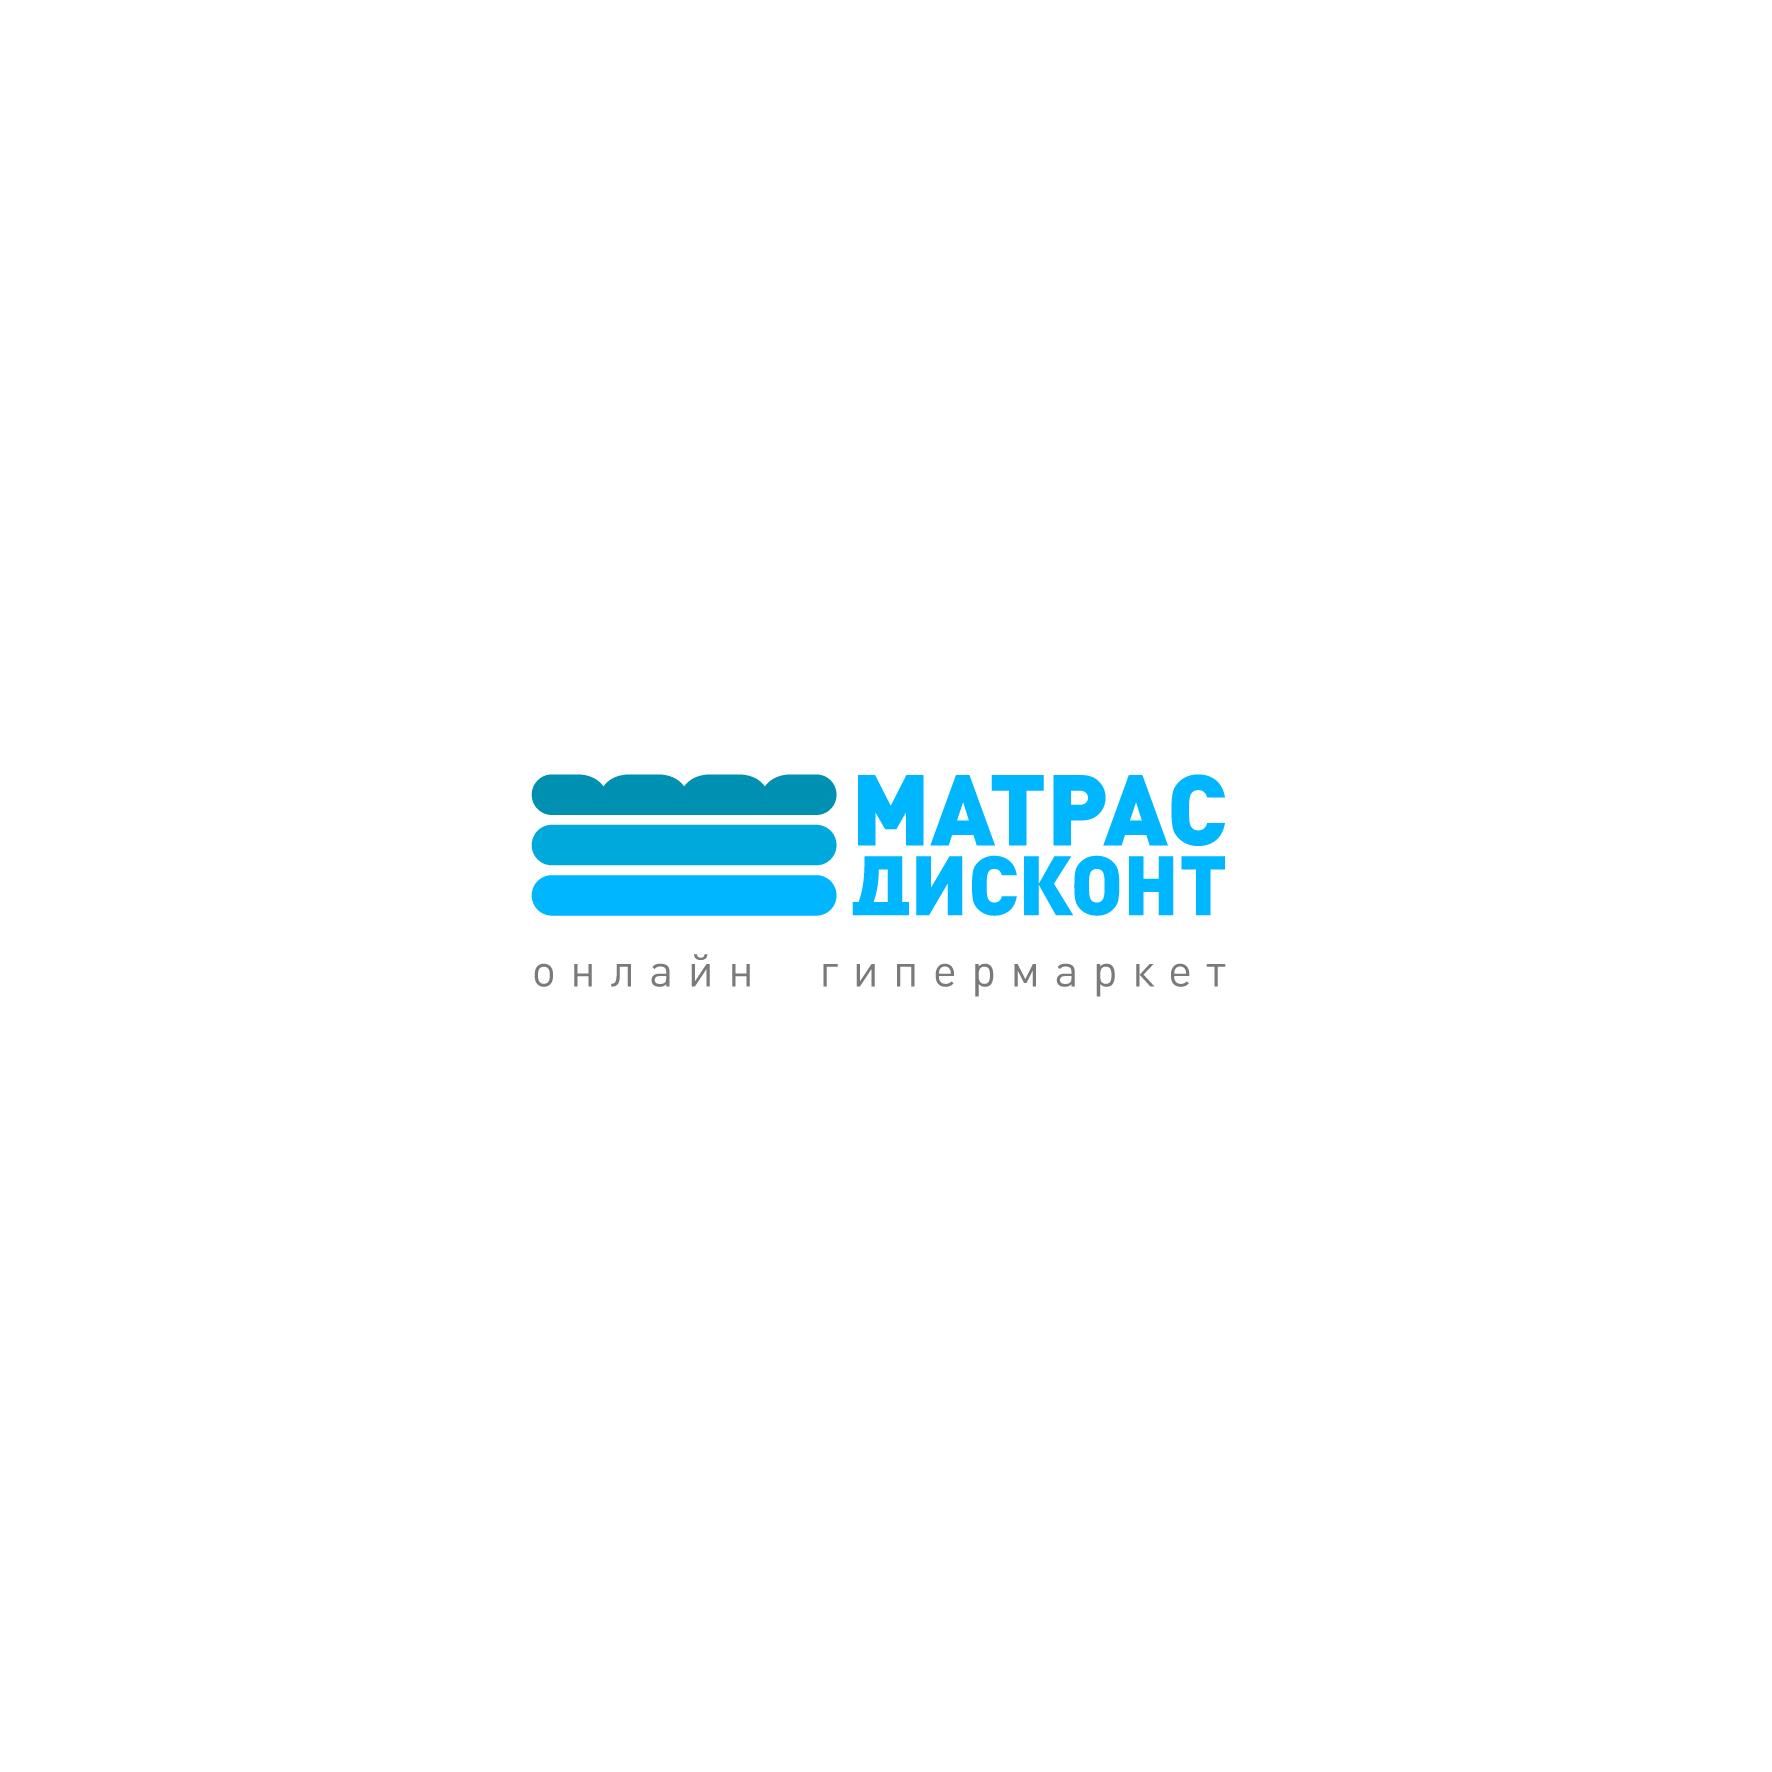 Логотип для ИМ матрасов фото f_8275c864d2c17f2c.jpg